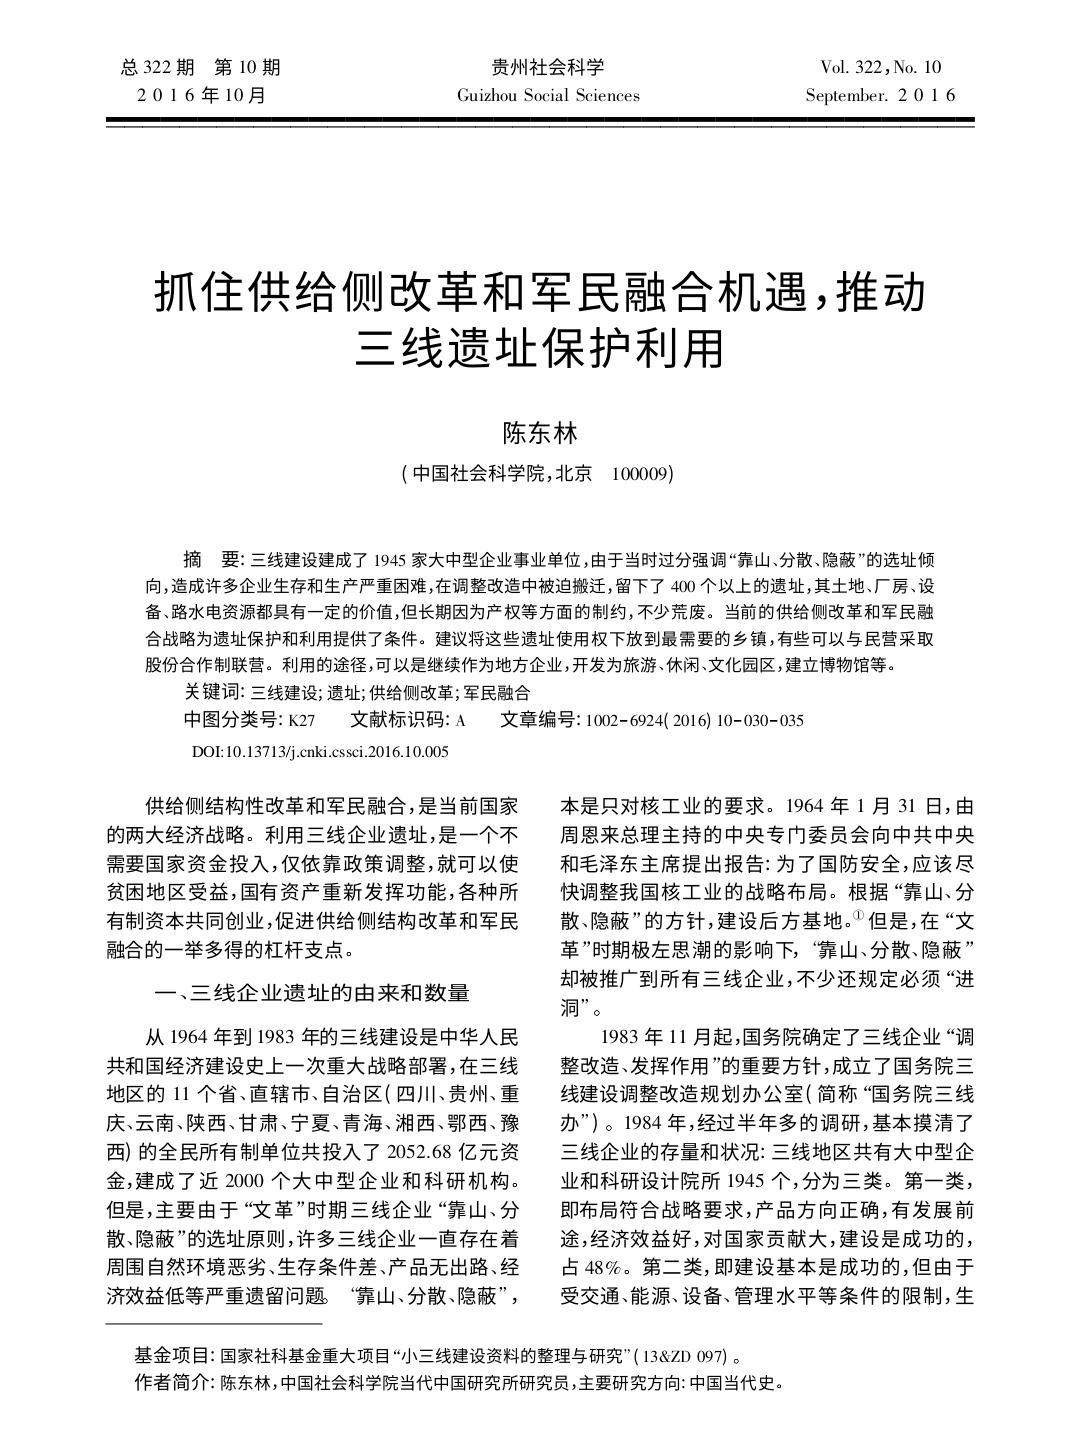 """""""我的杂志""""( 《贵州社会科学》杂志)出版的有关三线建设研究文章。该杂志是全国最先出版三线建设研究的杂志之一。"""